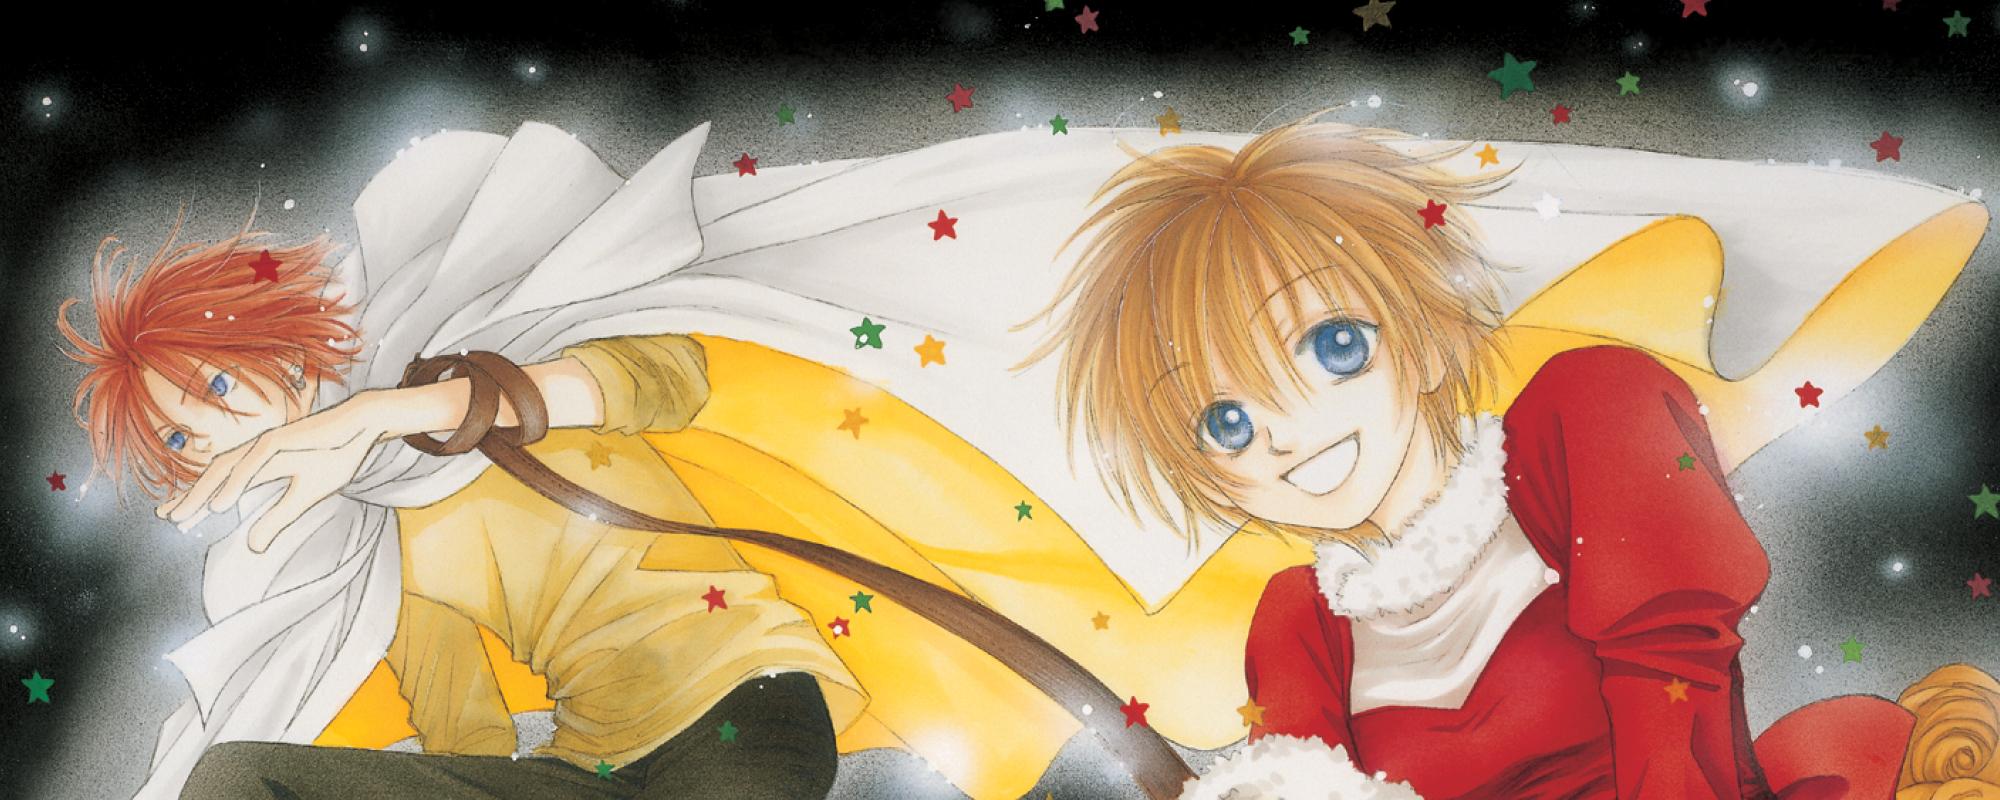 Eagleland Manga Reviews: Sweet Rein